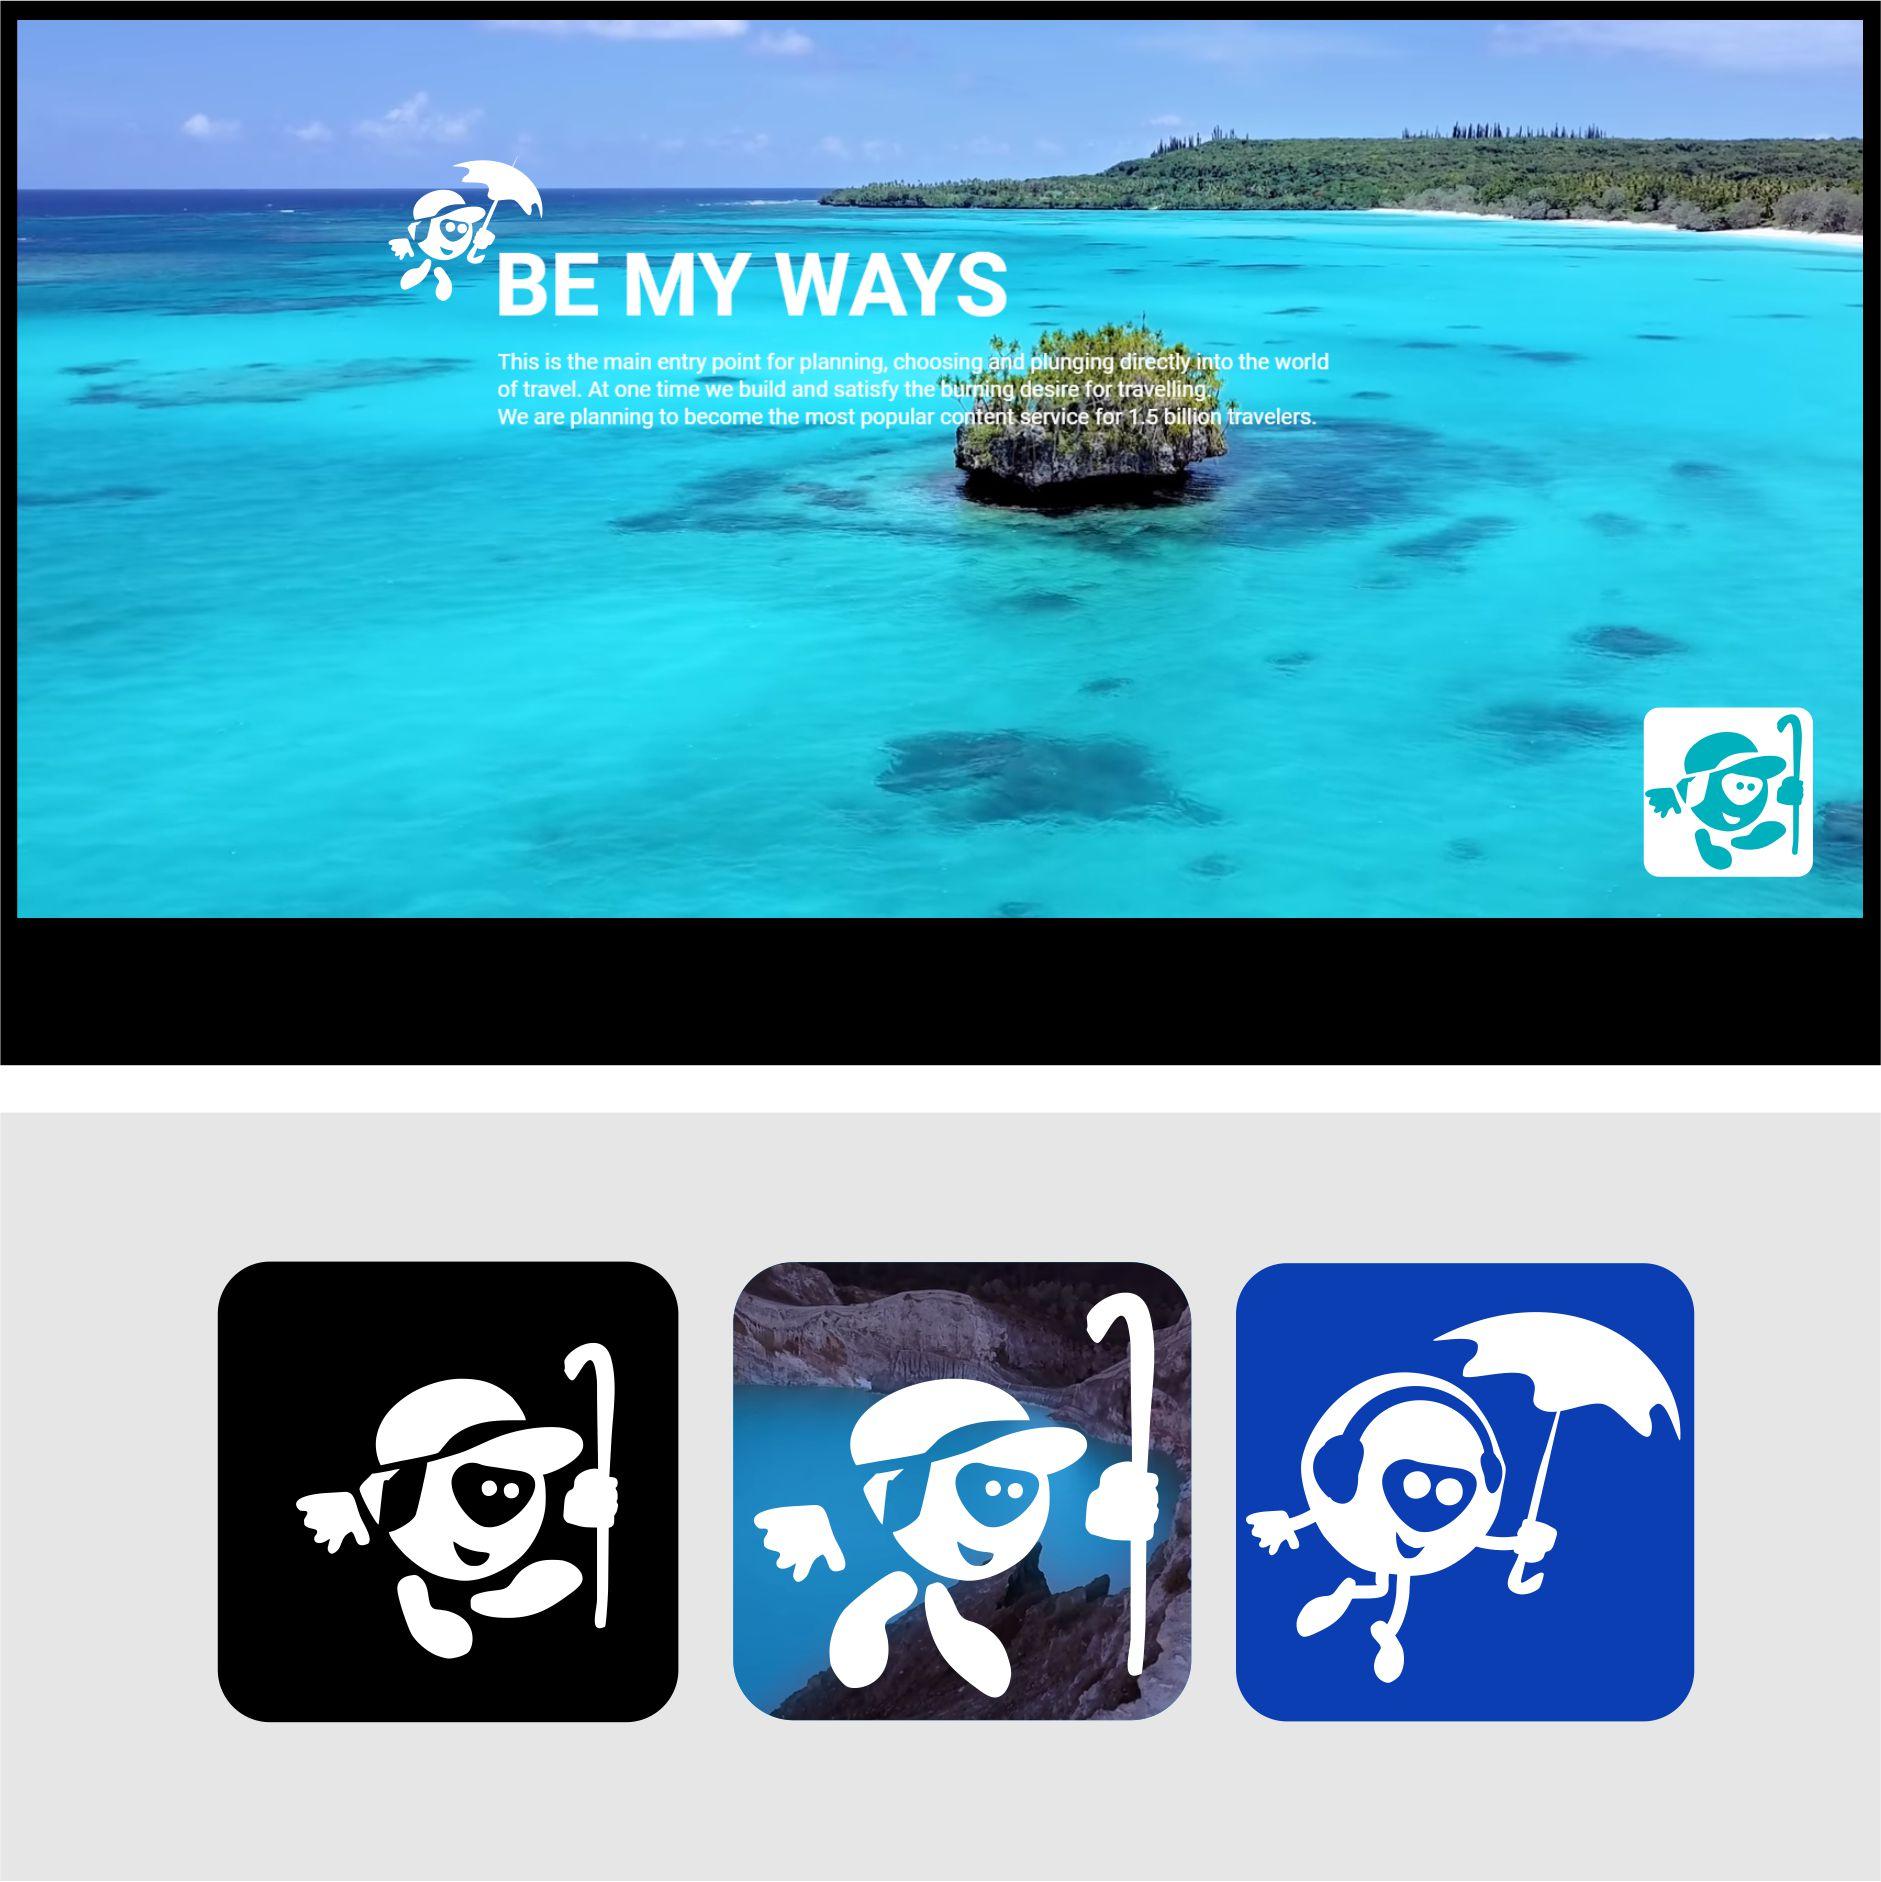 Разработка логотипа и иконки для Travel Video Platform фото f_9285c3c6083274ca.jpg